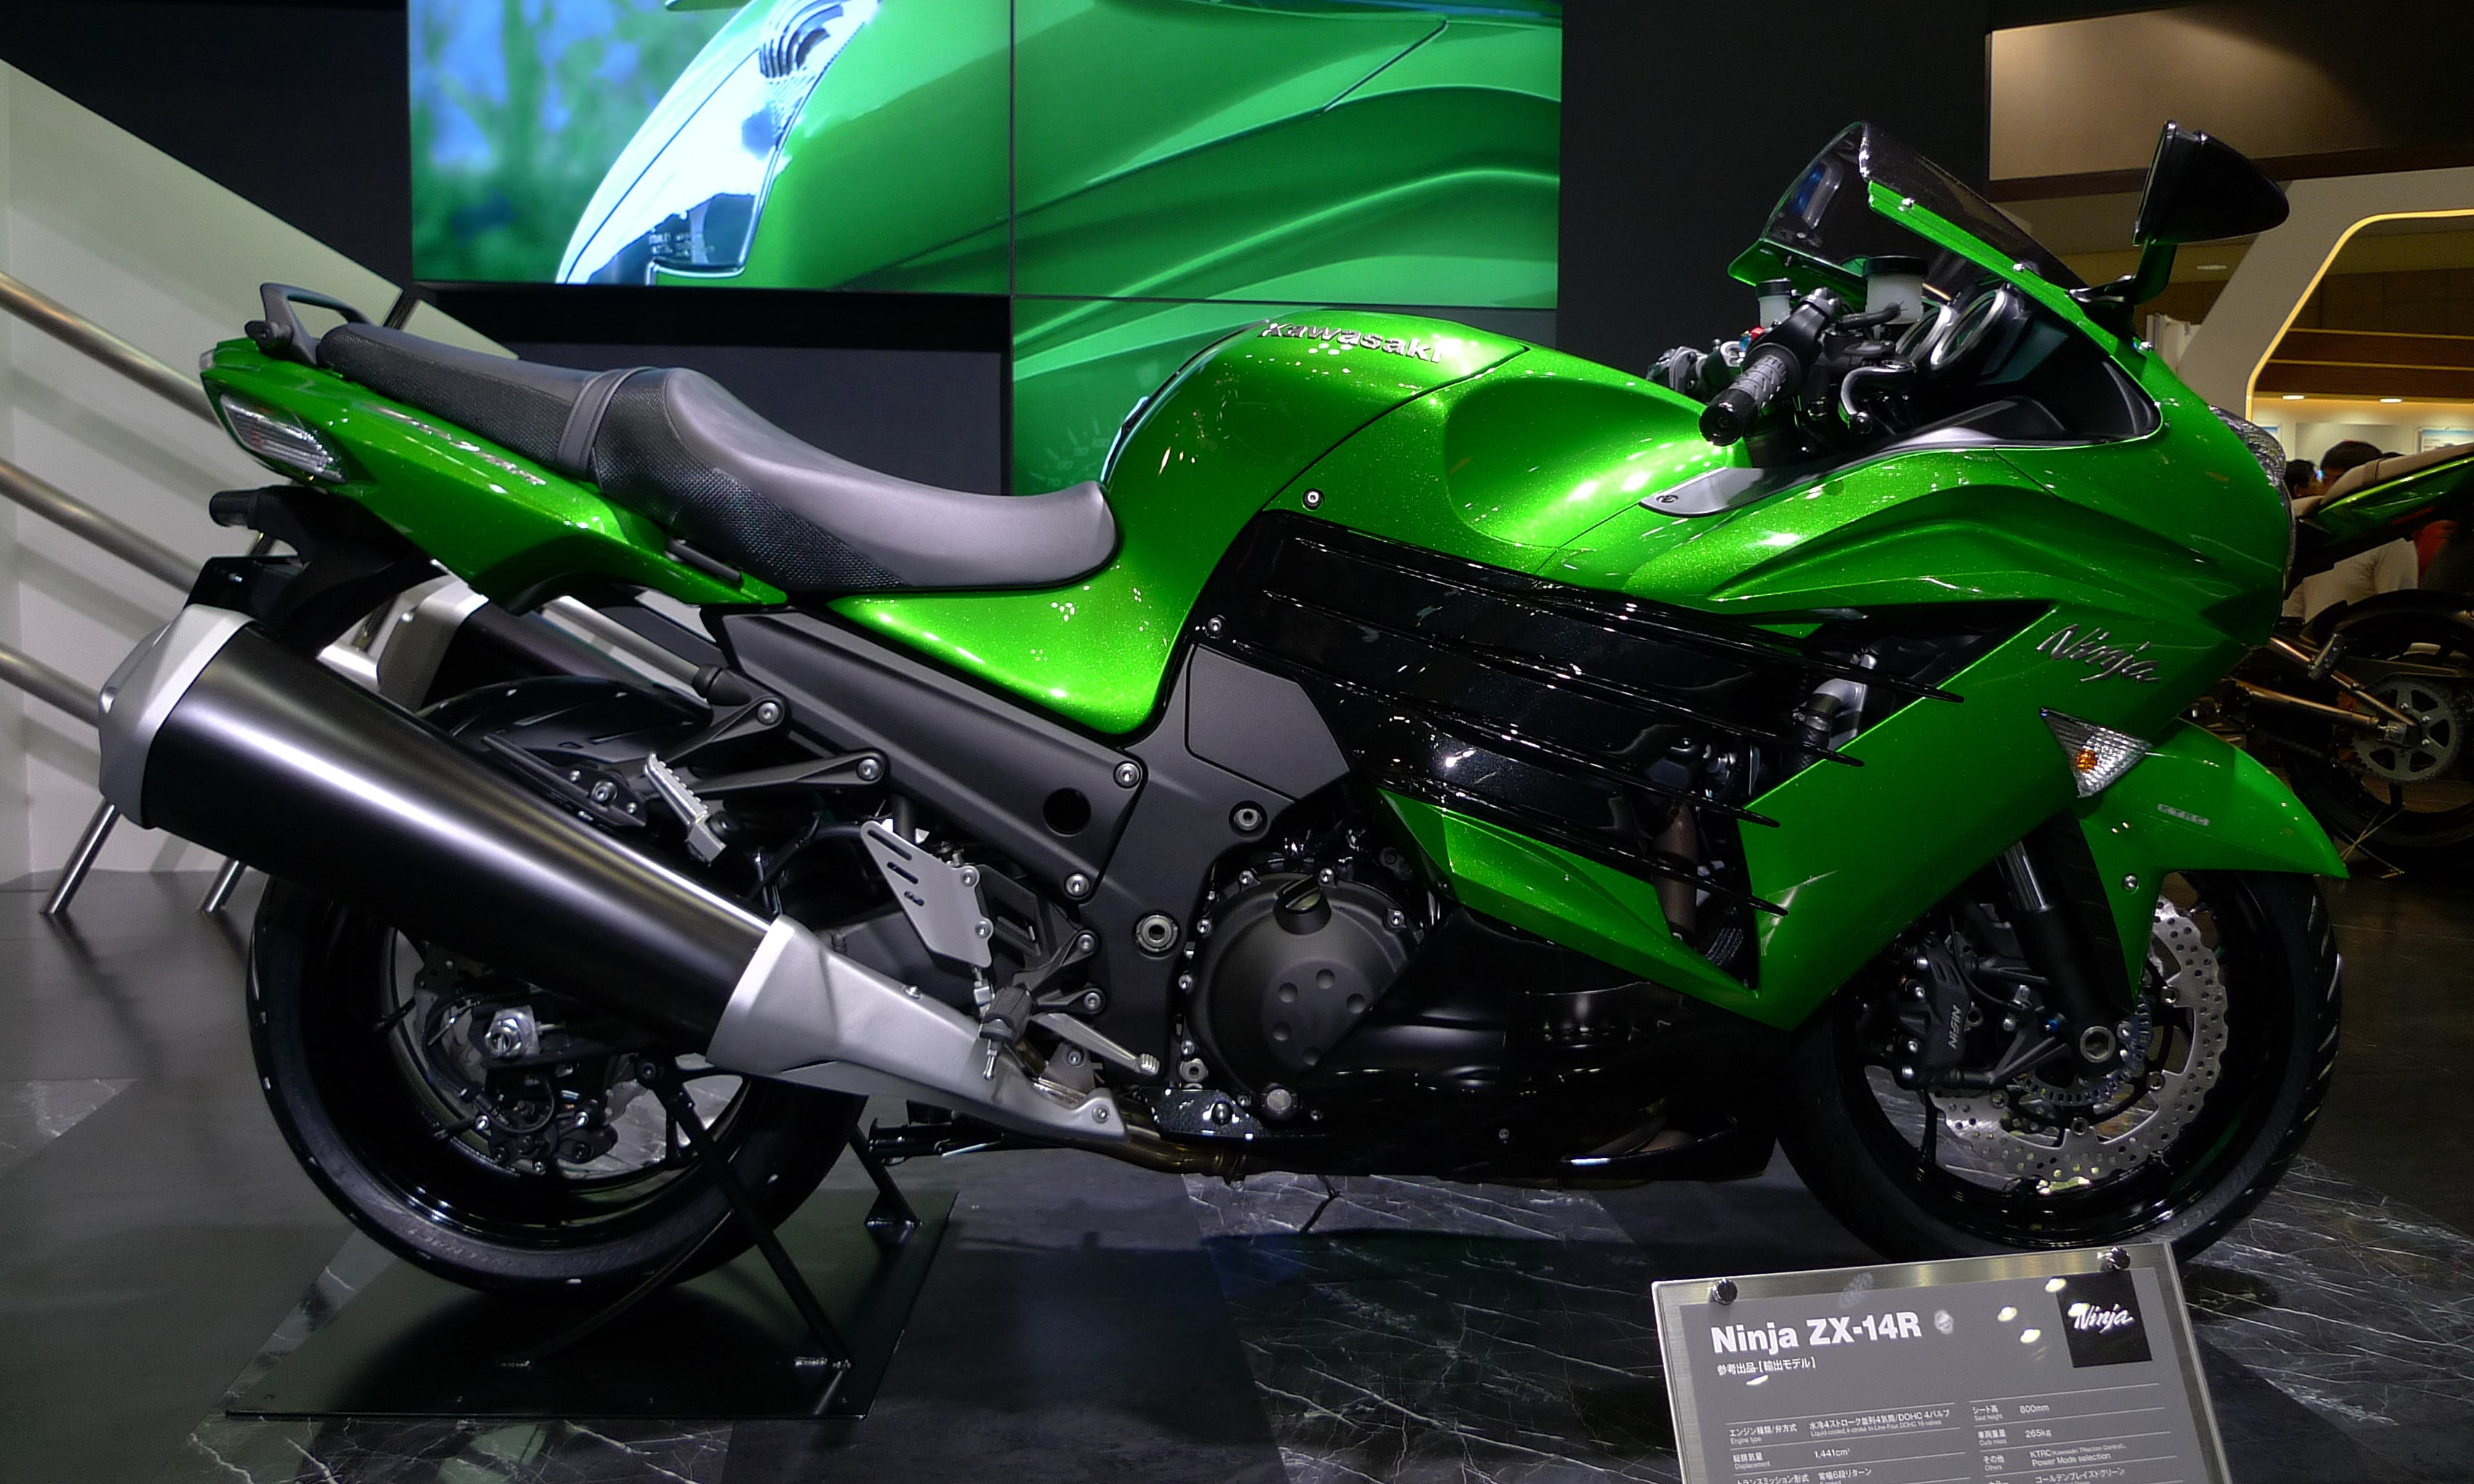 2012 Kawasaki Ninja ZX-14R Wallpapers hd